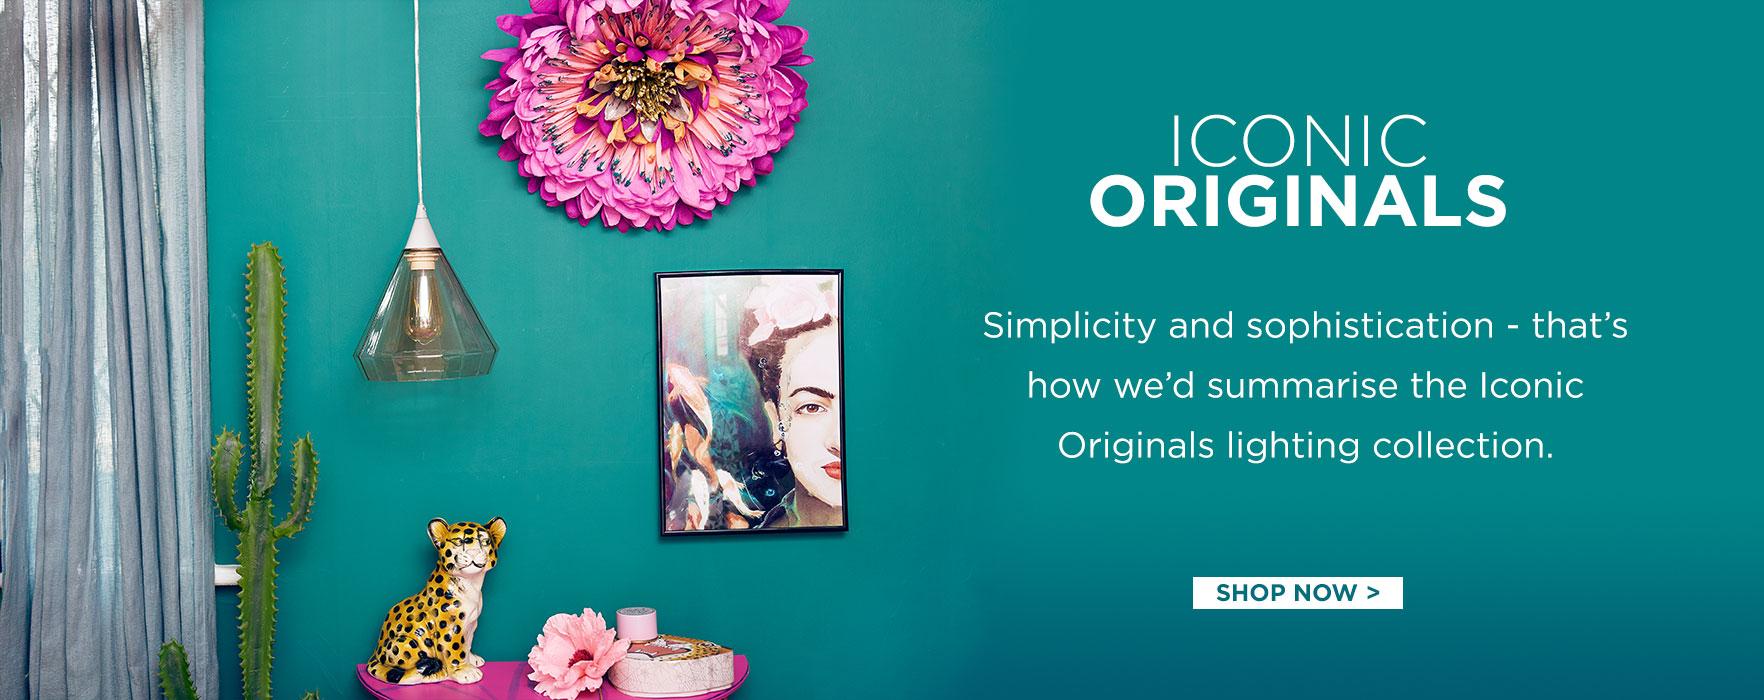 New Iconic Originals